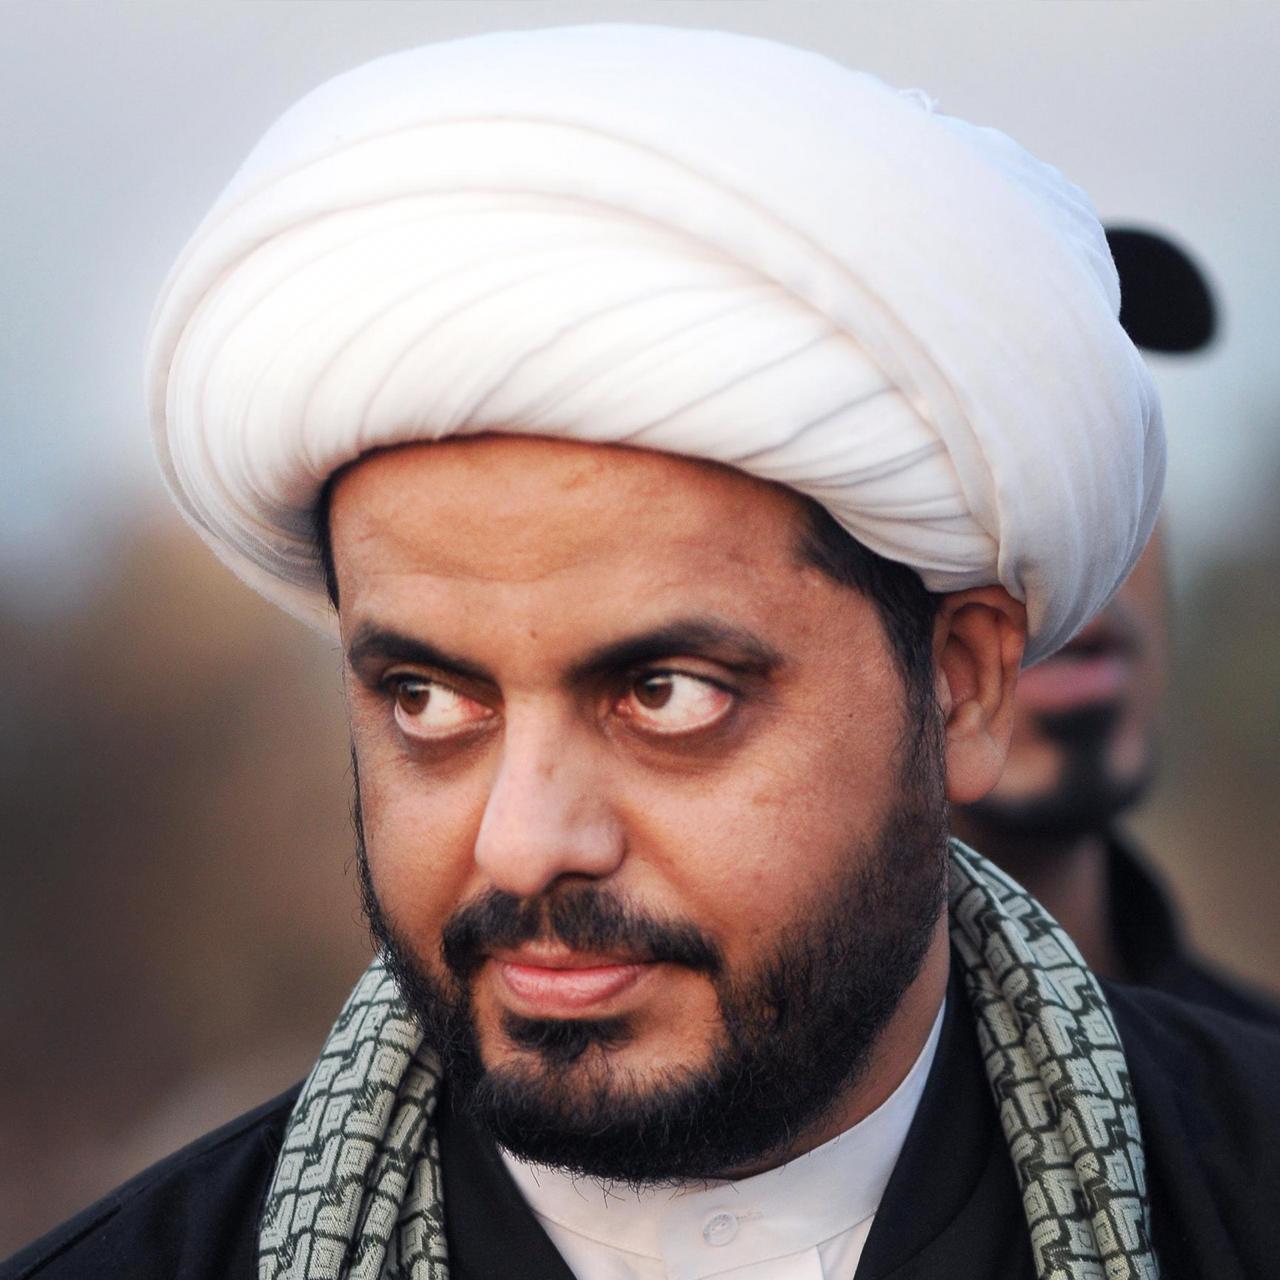 تصريحات نارية تهز عروش العملاء لسماحة الشيخ قيس الخزعلي :